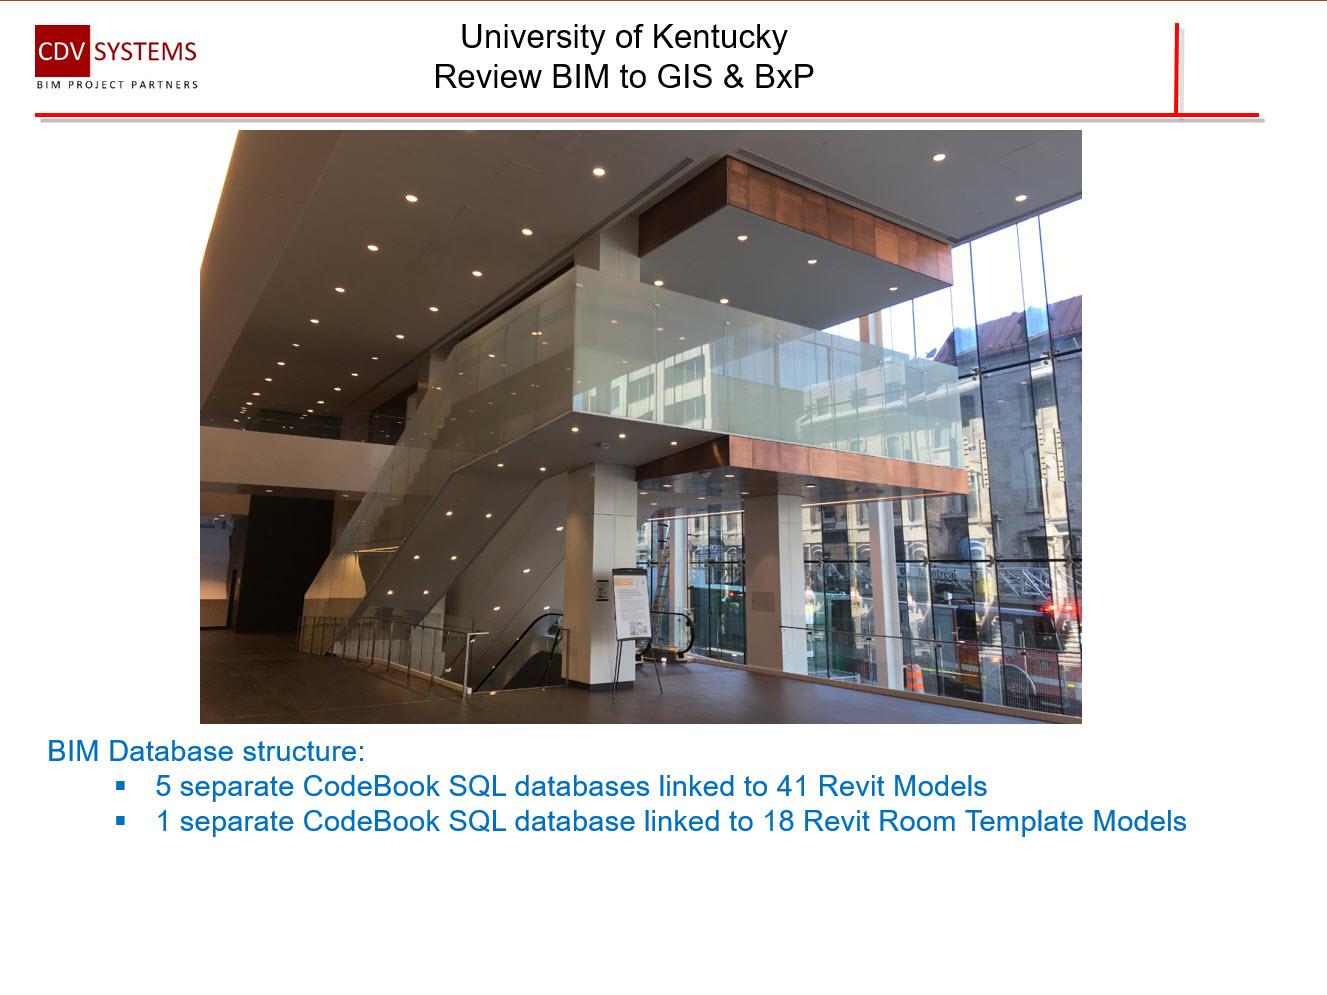 University of Kentucky_001v.jpg